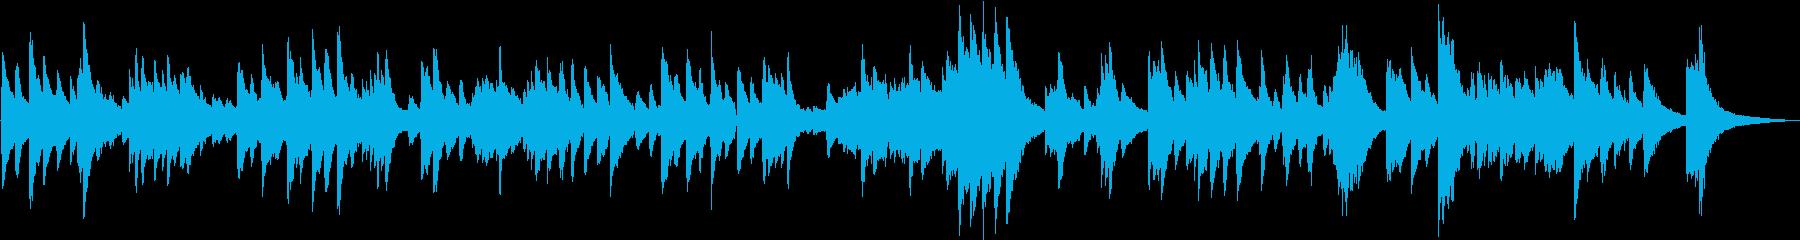 生演奏 ゆったりとしたピアノBGMの再生済みの波形